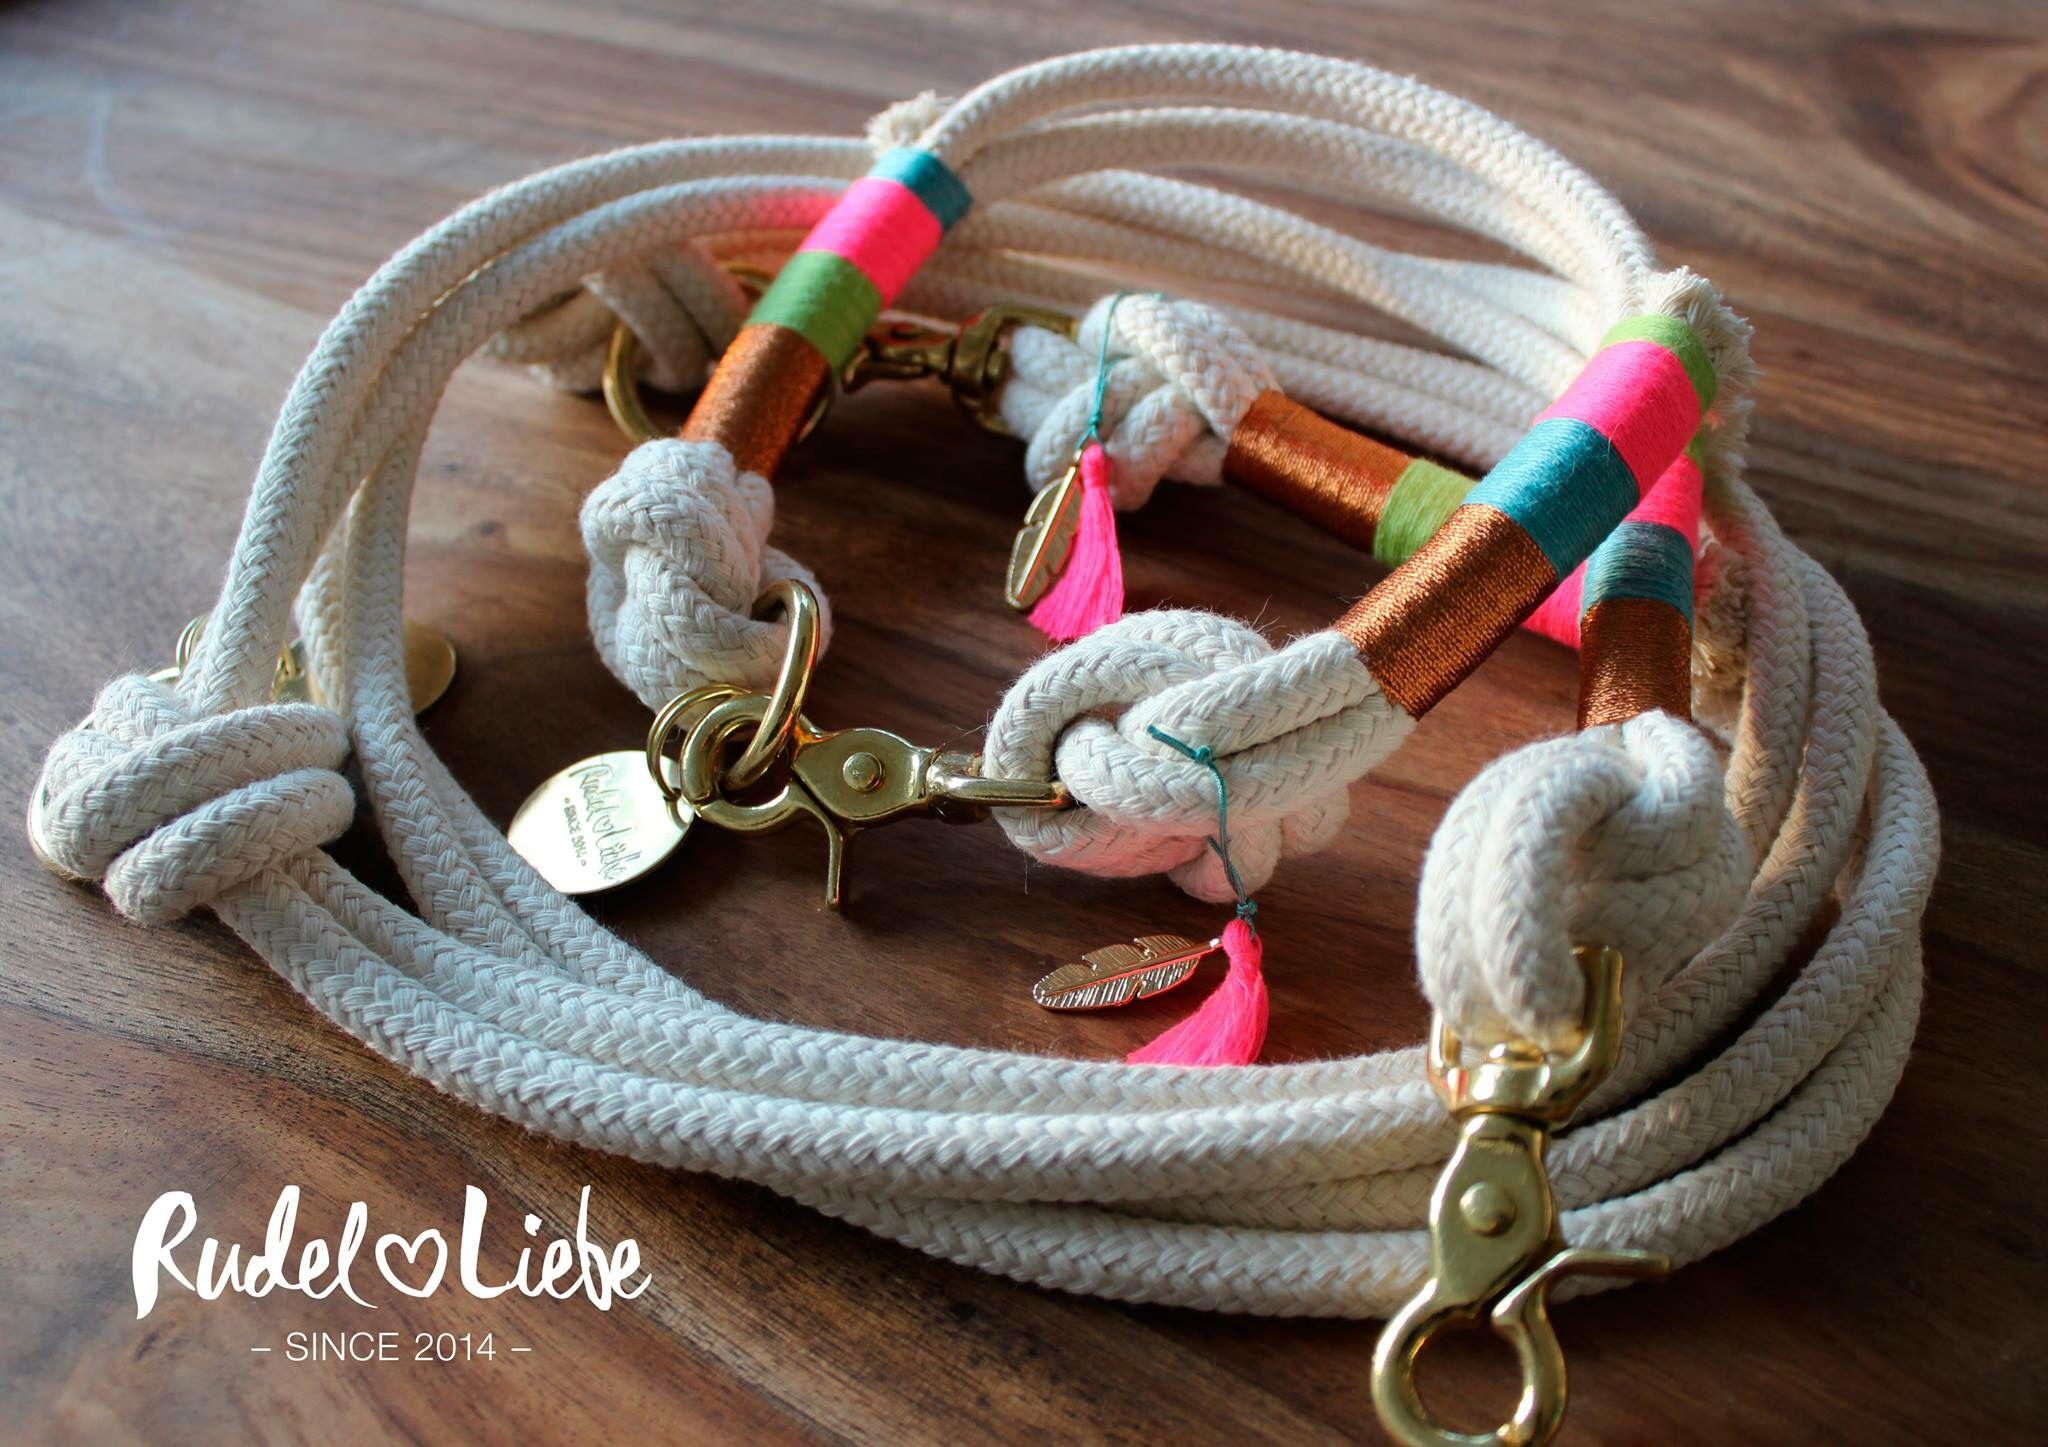 rudel liebe hundehalsband und leine aus tauwerk hundekette hund halsband. Black Bedroom Furniture Sets. Home Design Ideas